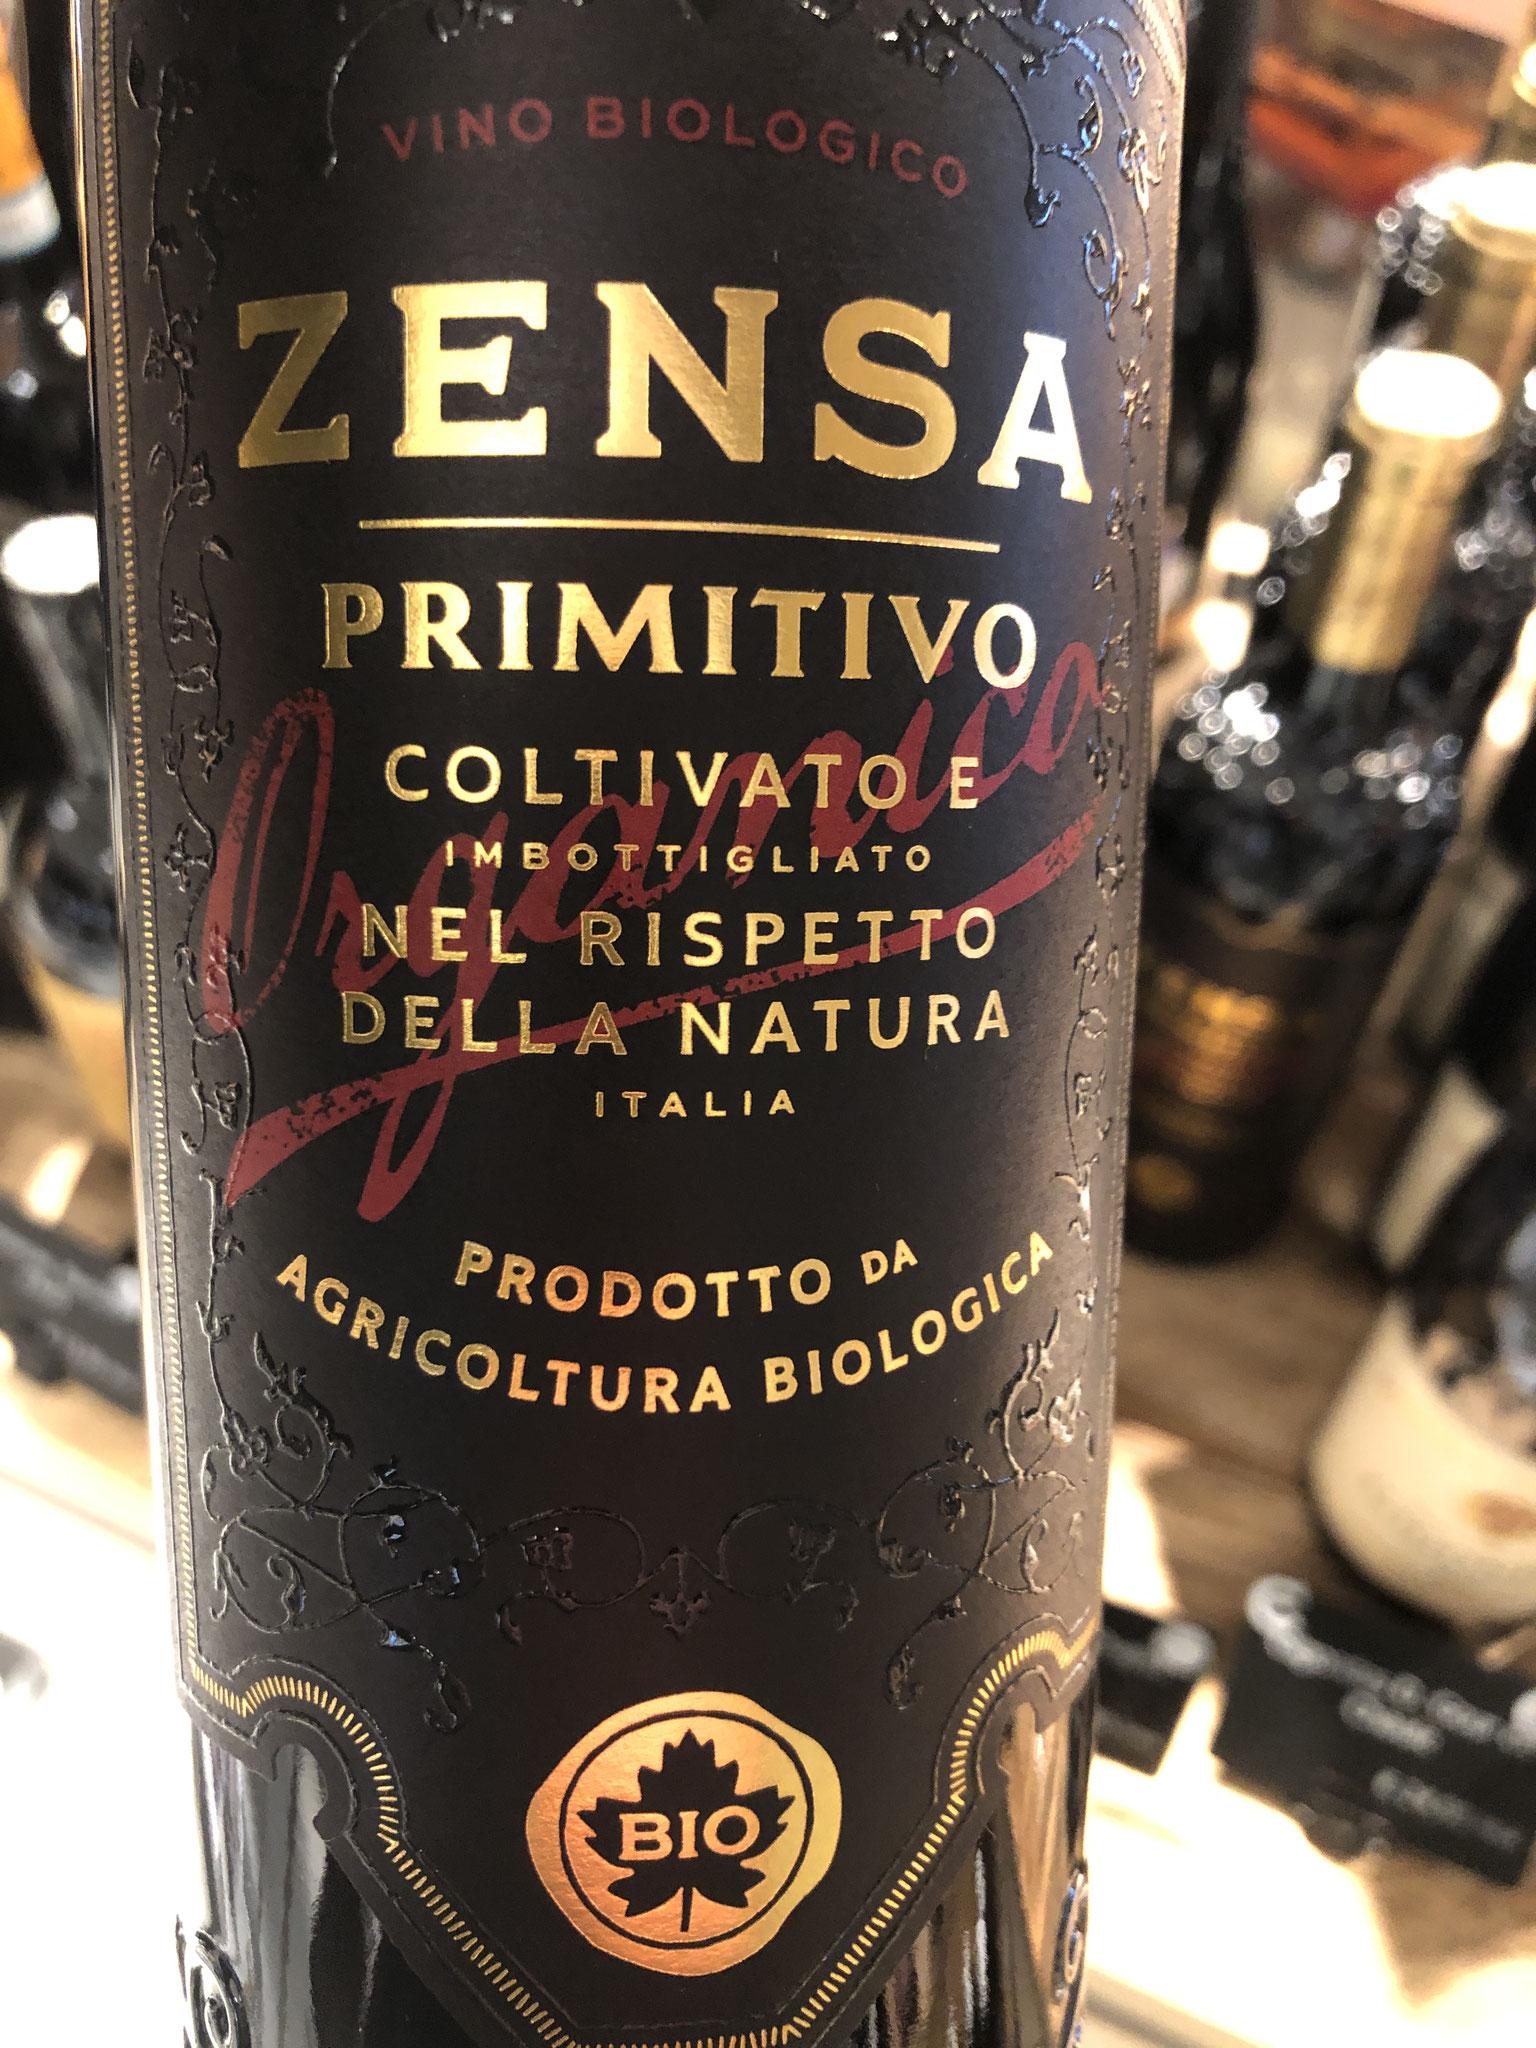 Primitieve uit Pugliavan zelfde producent als Zensa fiano. Intens van kleur en neus: zwart fruit. Zijdeachtige tannines, krachtig, vol, chocolade en kers in finale.